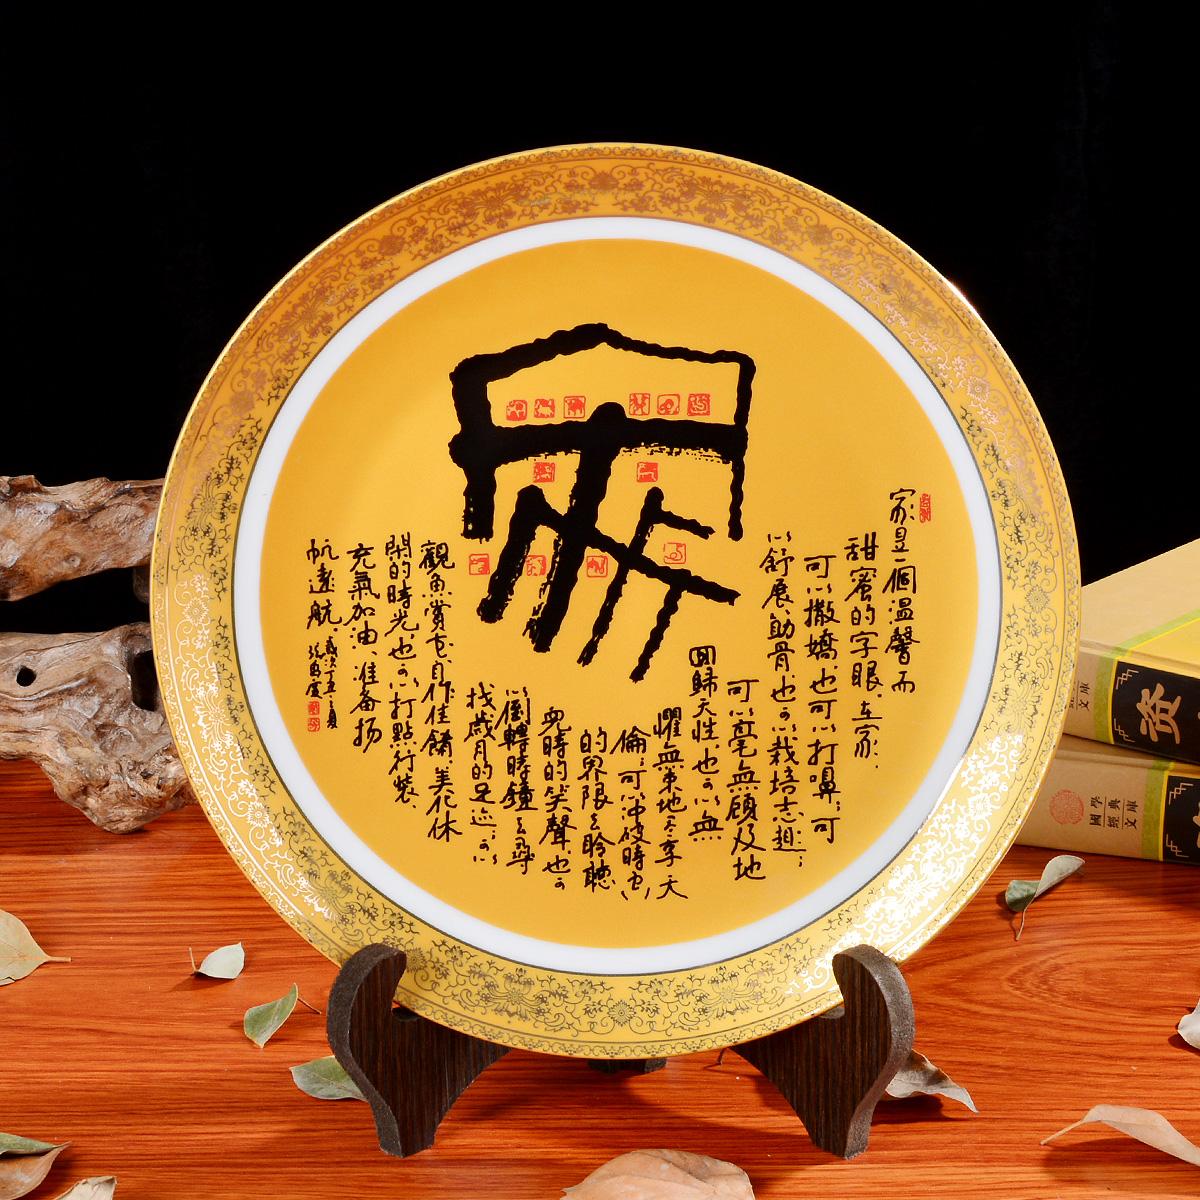 Вид мораль город фарфор устройство домой декоративный фарфор блюдо керамика вешать блюдо смотреть блюдо античный современный в континентальный украшение ремесла статья